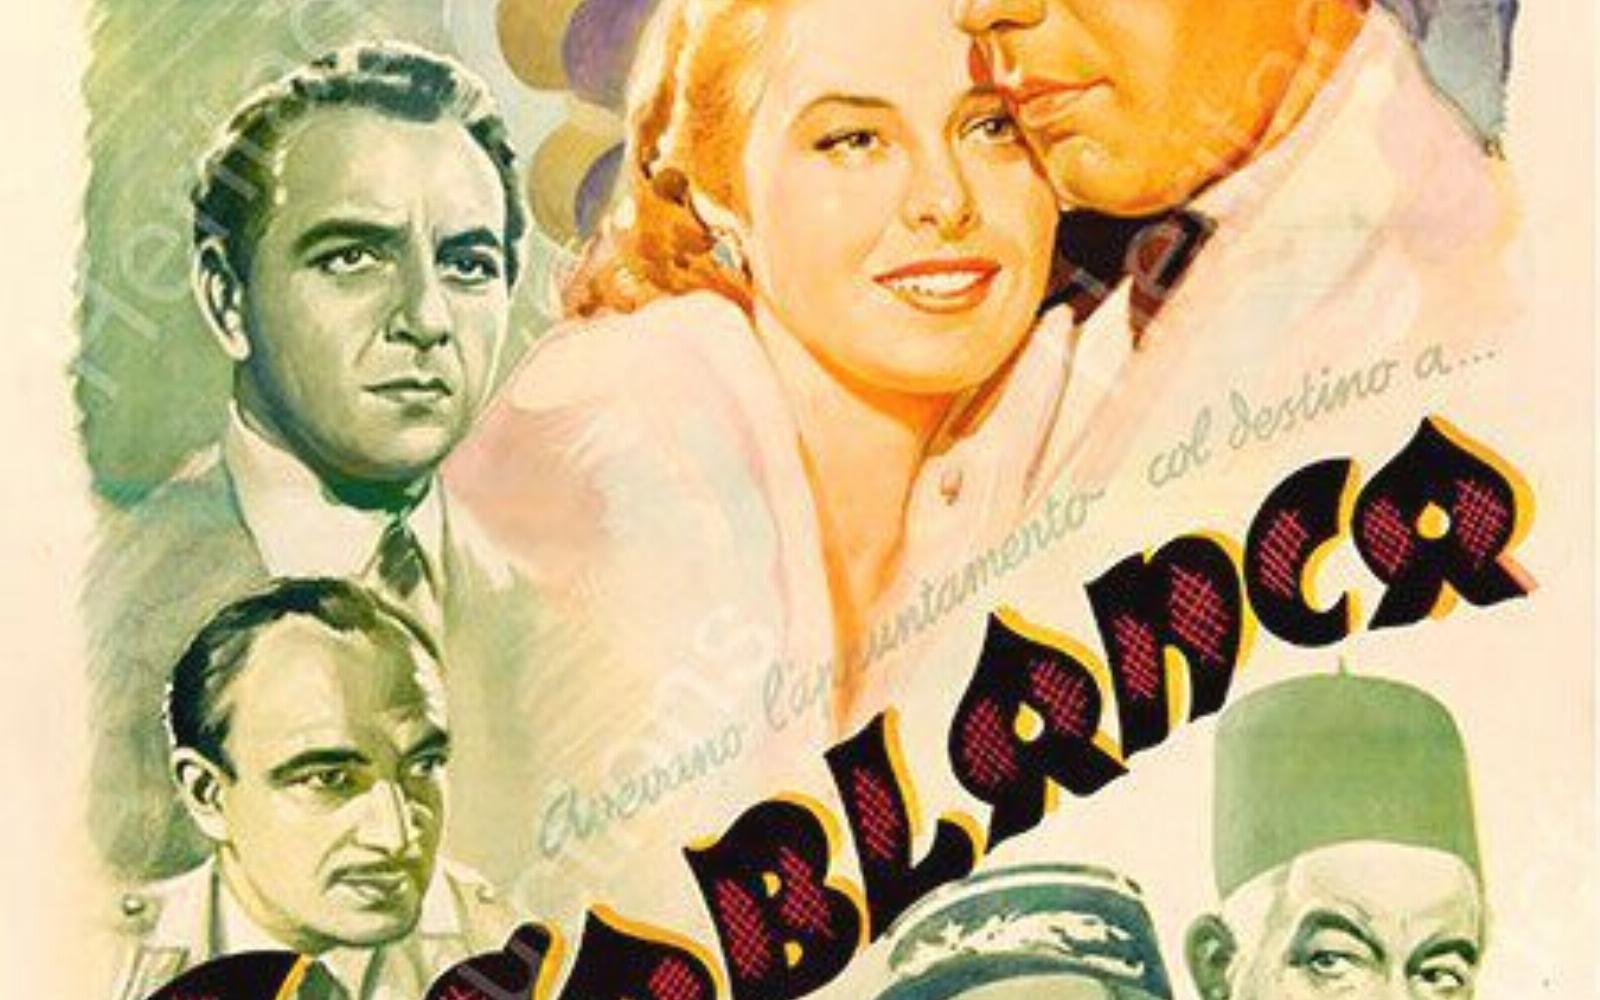 Új klip: A Casablanca 2021-es kiadásával ejt rabul Zséda és Kökény Attila